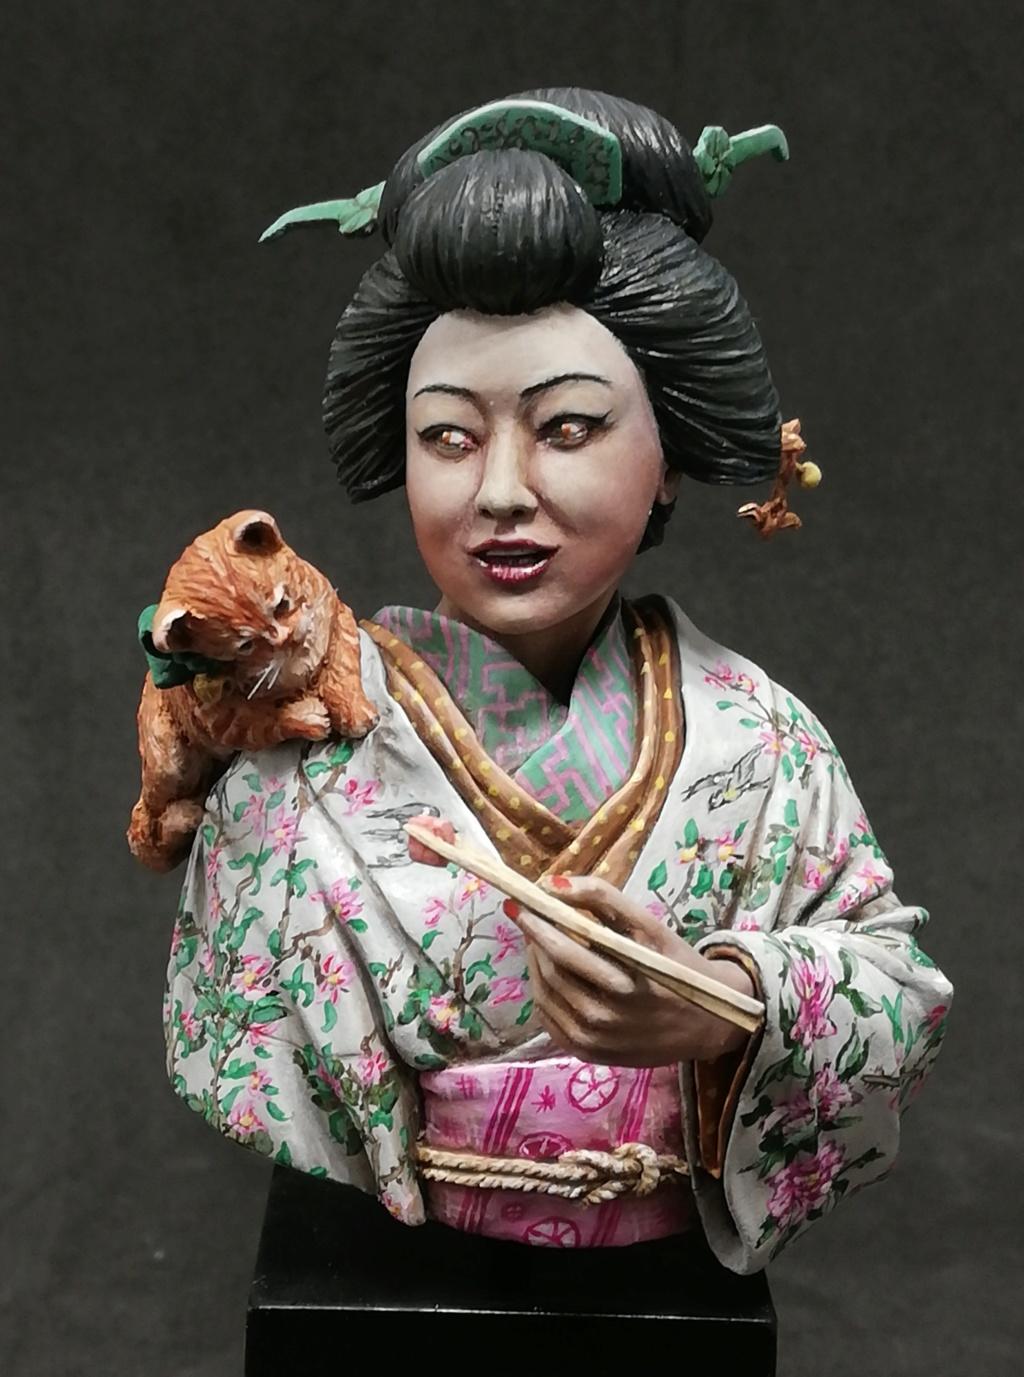 Buste de Geisha terminée - Dernières photos - Page 2 Geisha43